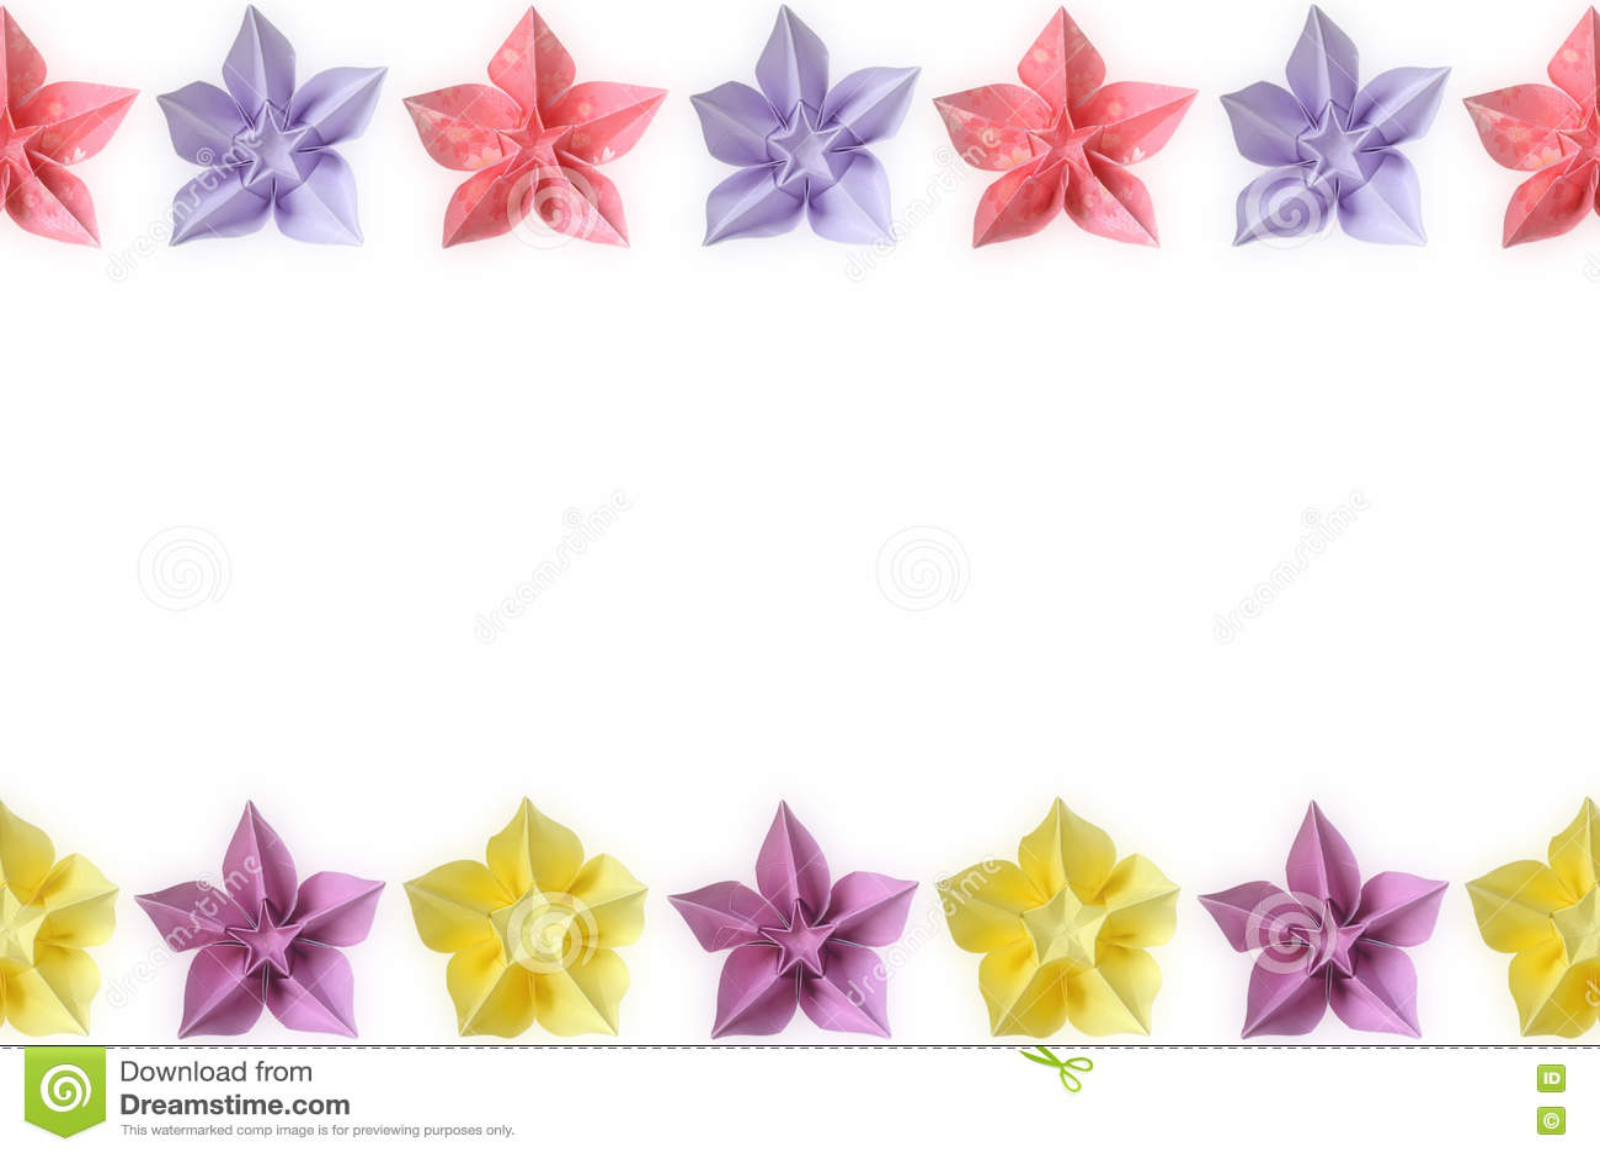 Origami Carambola Flower Stock Image Image Of Shape 72684895